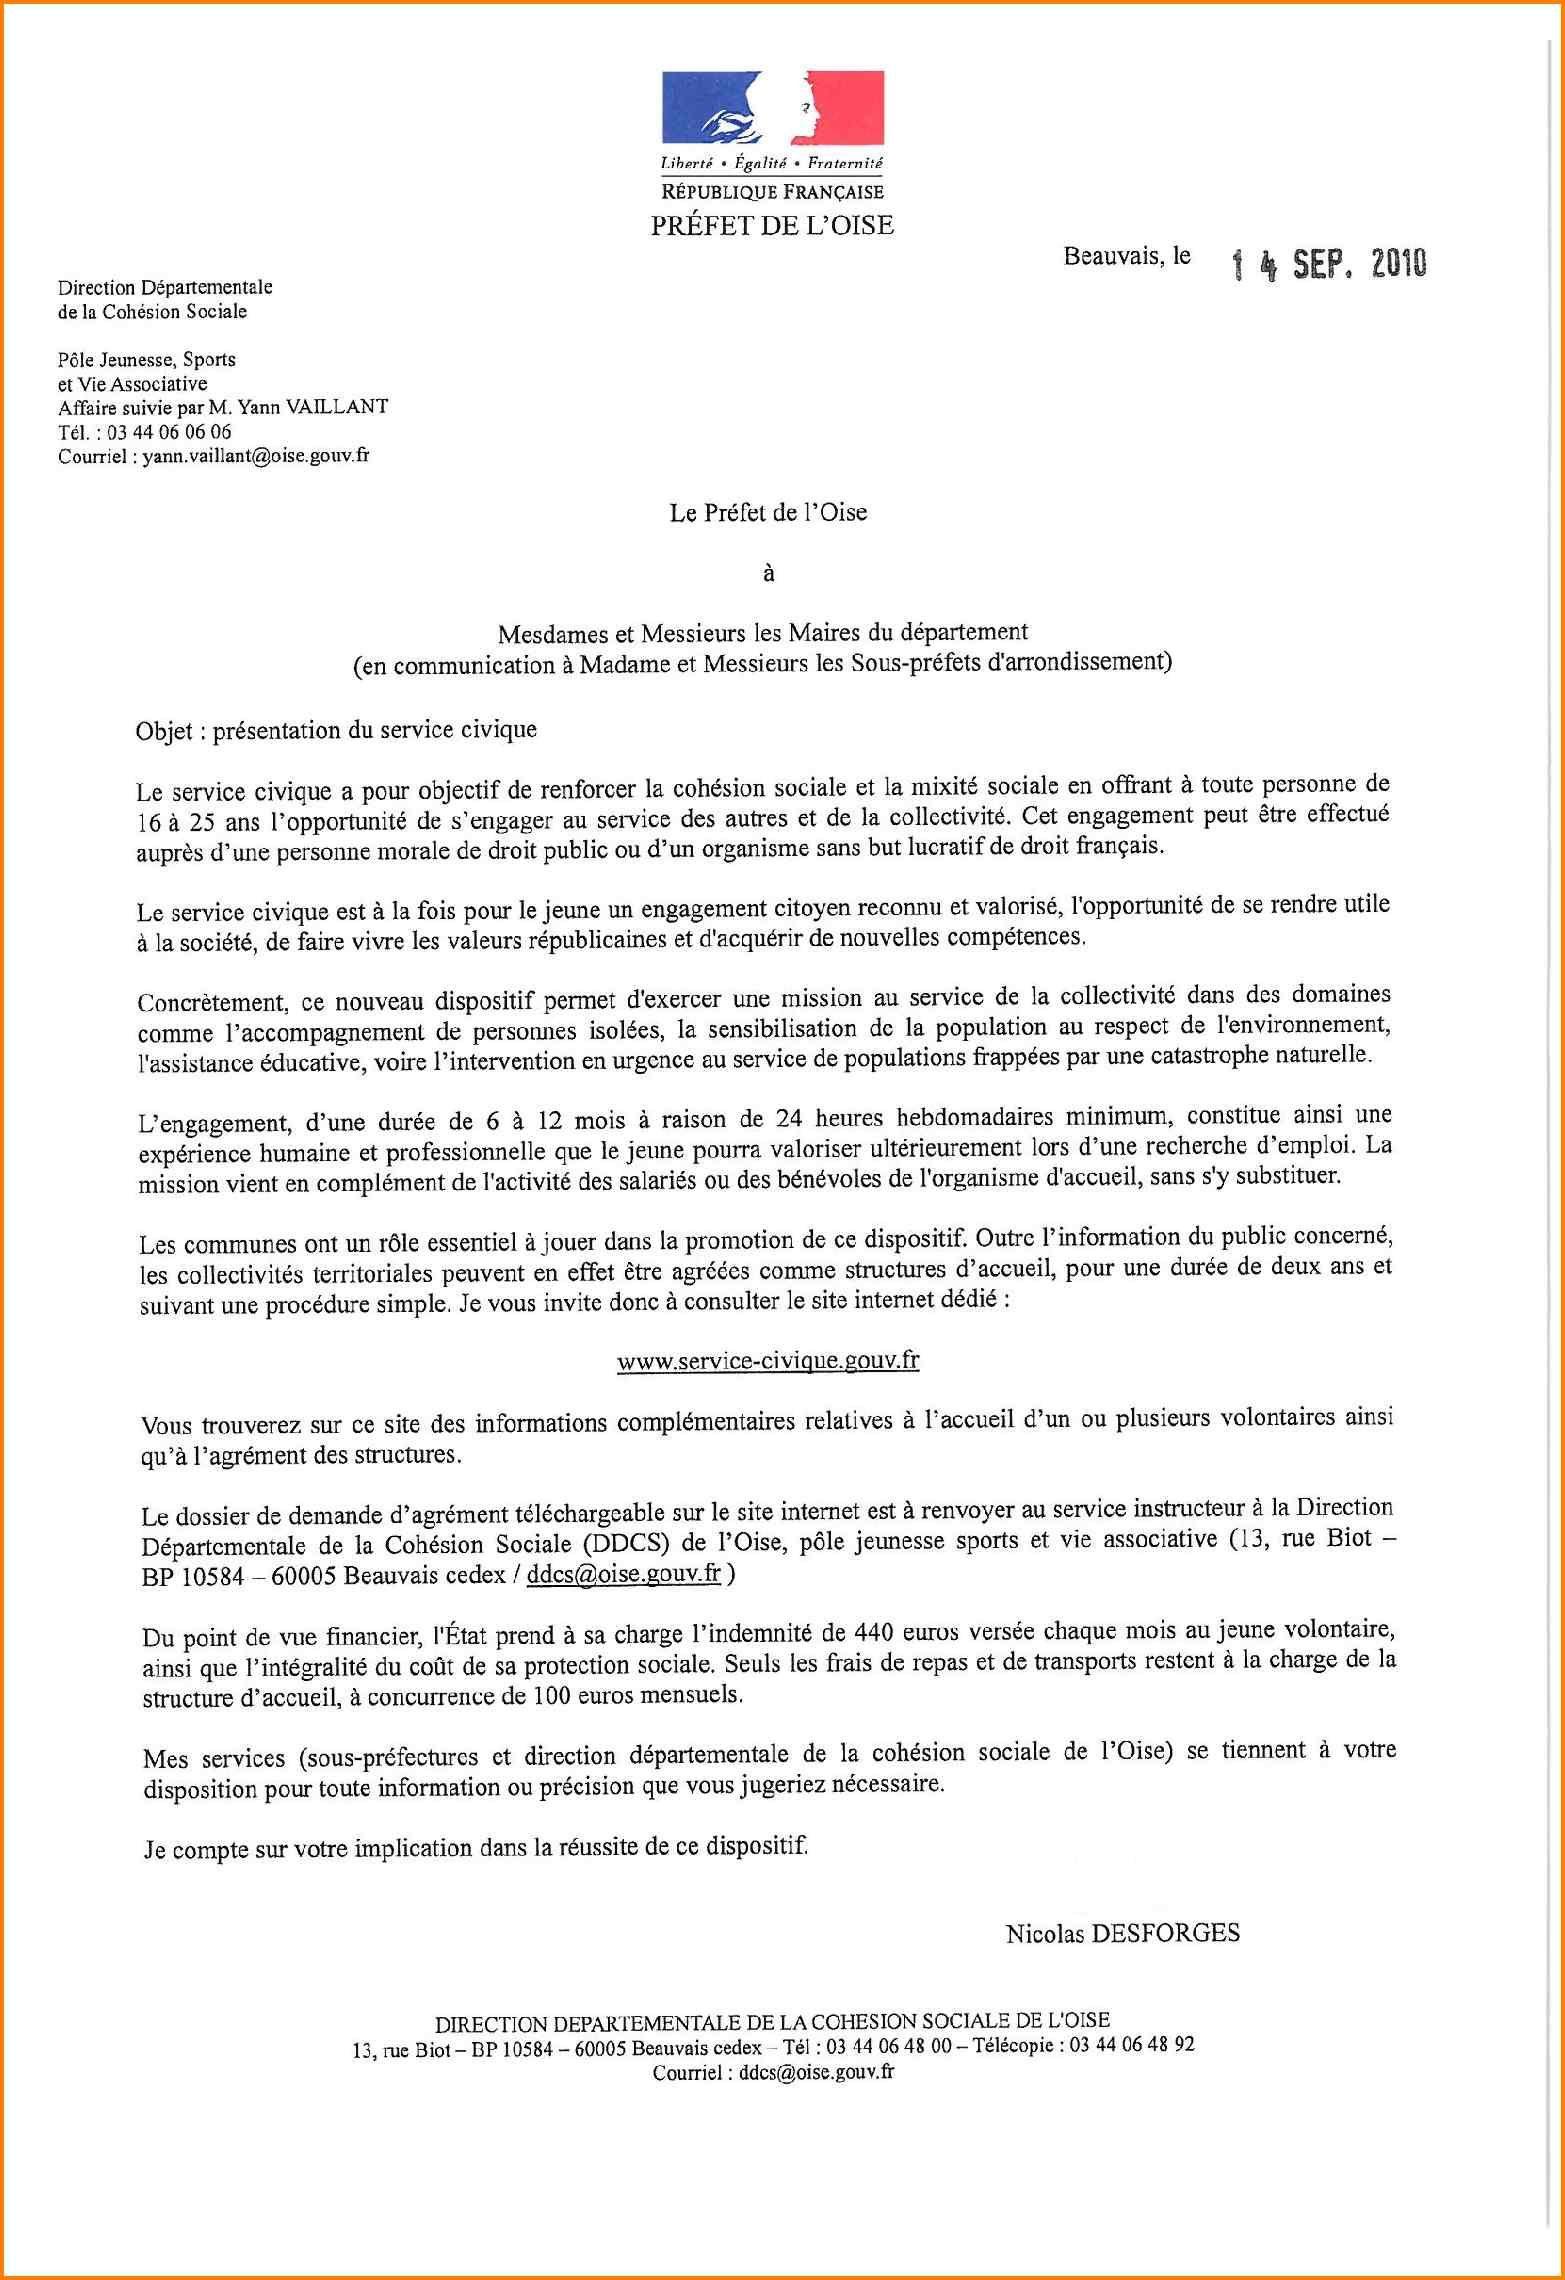 6 Exemple De Lettre Administrative Format Lettre Motivation